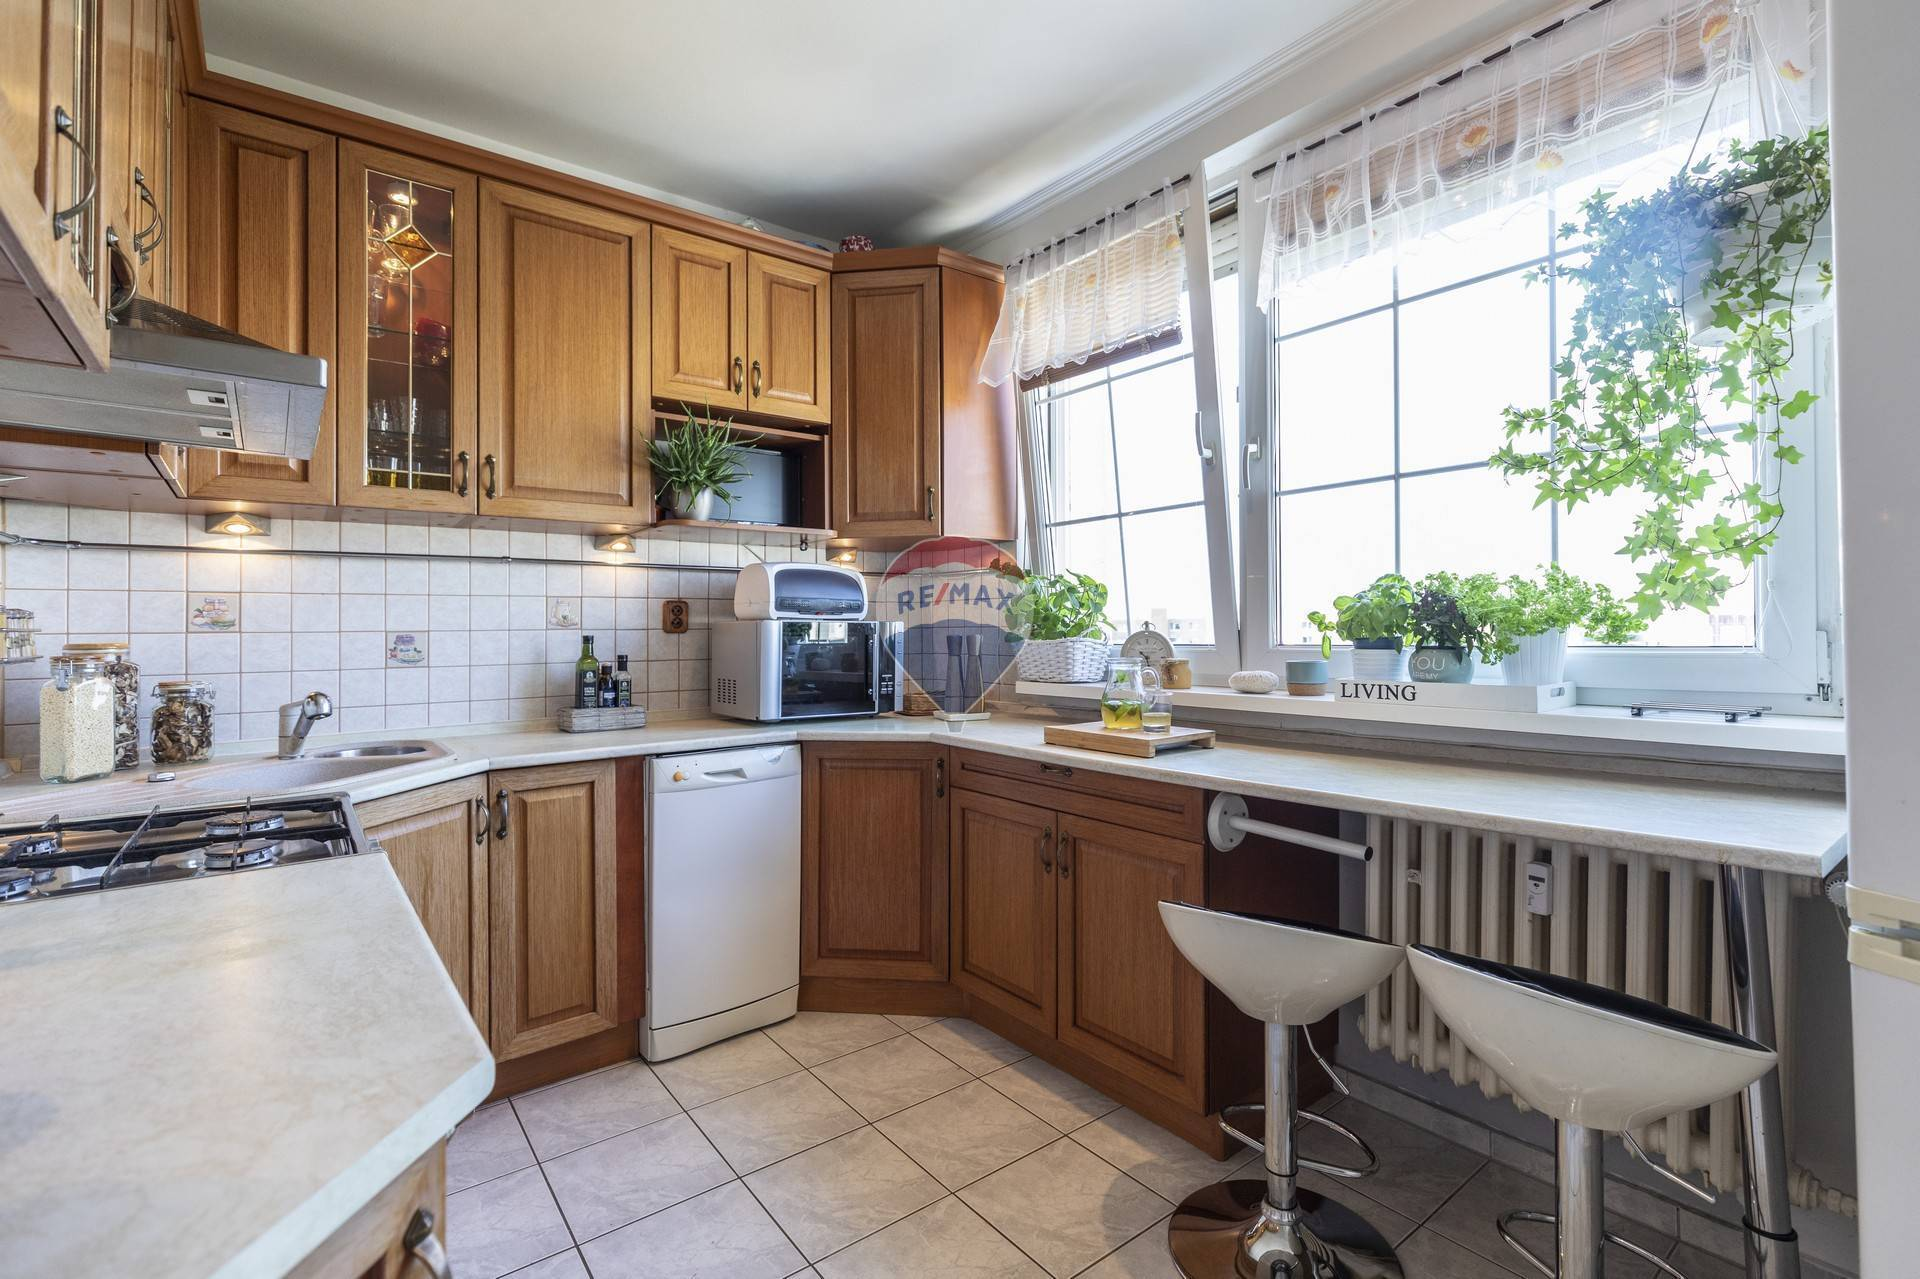 Na predaj 3i byt ( 66m2) s možnosťou odkúpenia GARÁŽE - Estónska ulica - Bratislava